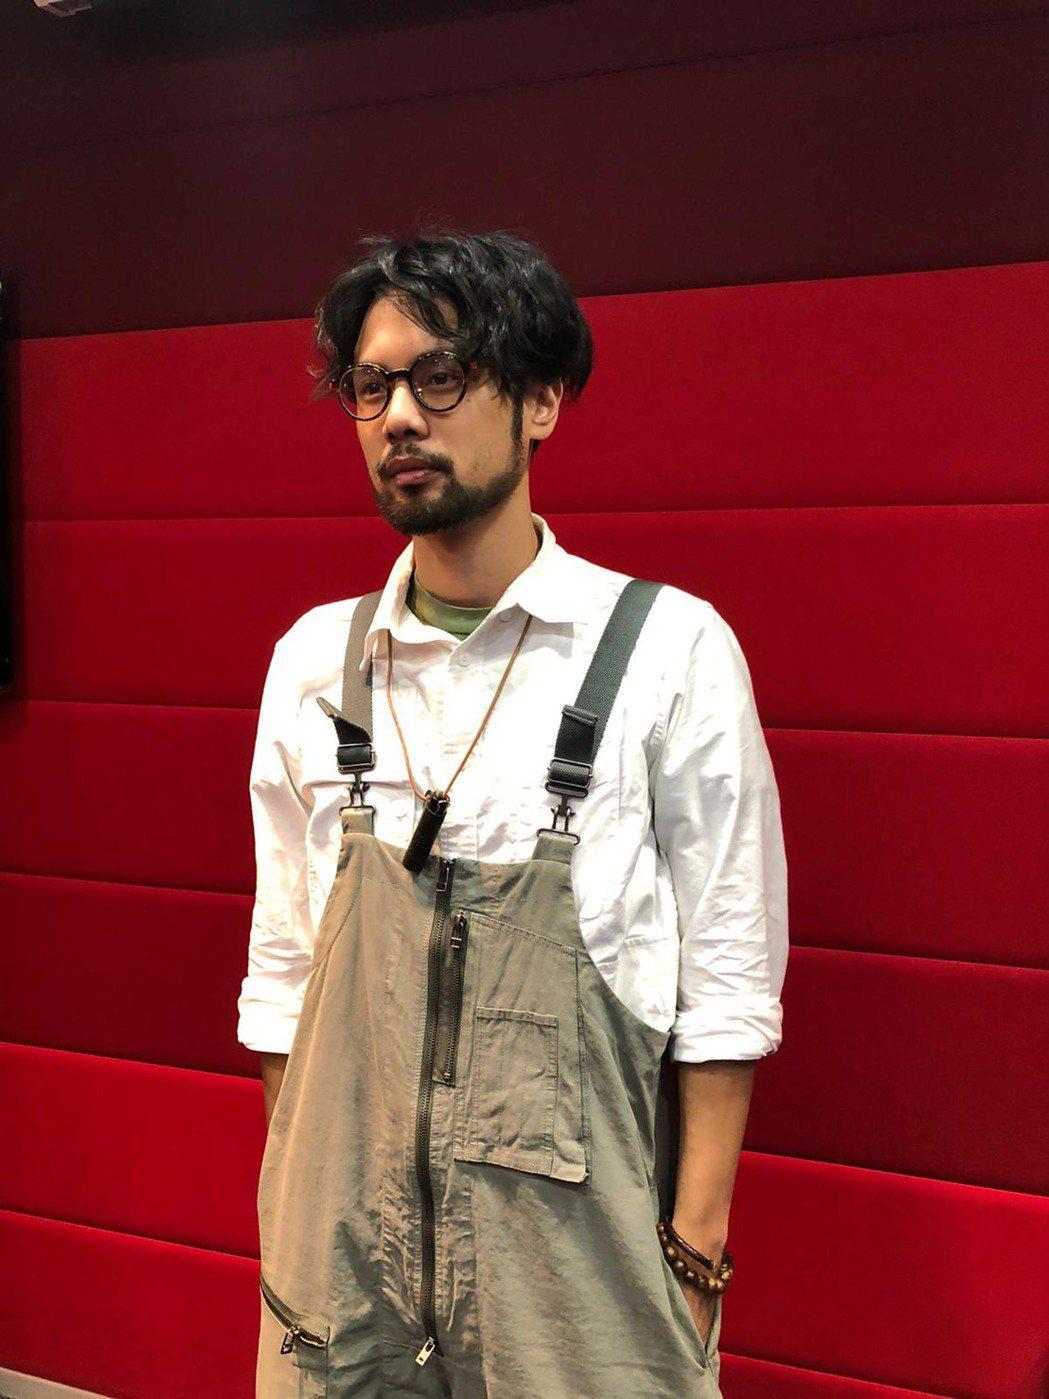 香港導演陳健朗的電影「手捲煙」已在台上映。圖/CATCHPLAY提供